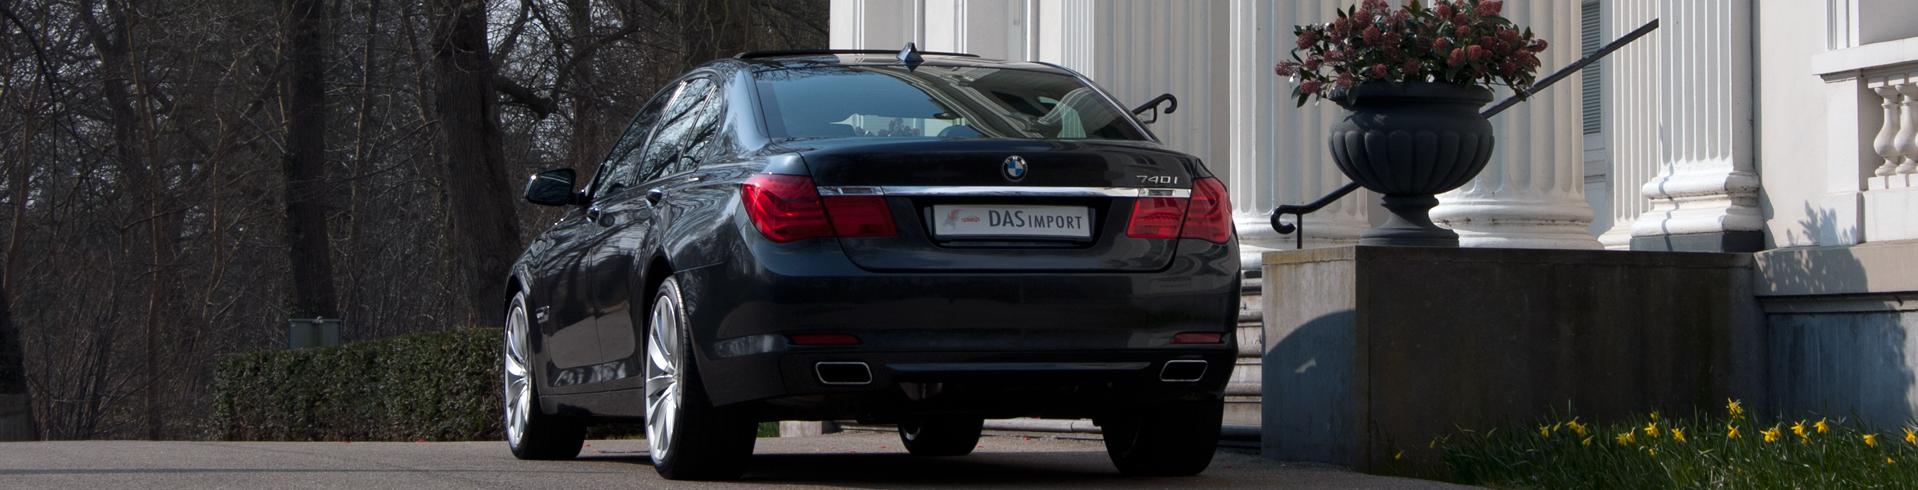 6.-BMW-7-serie